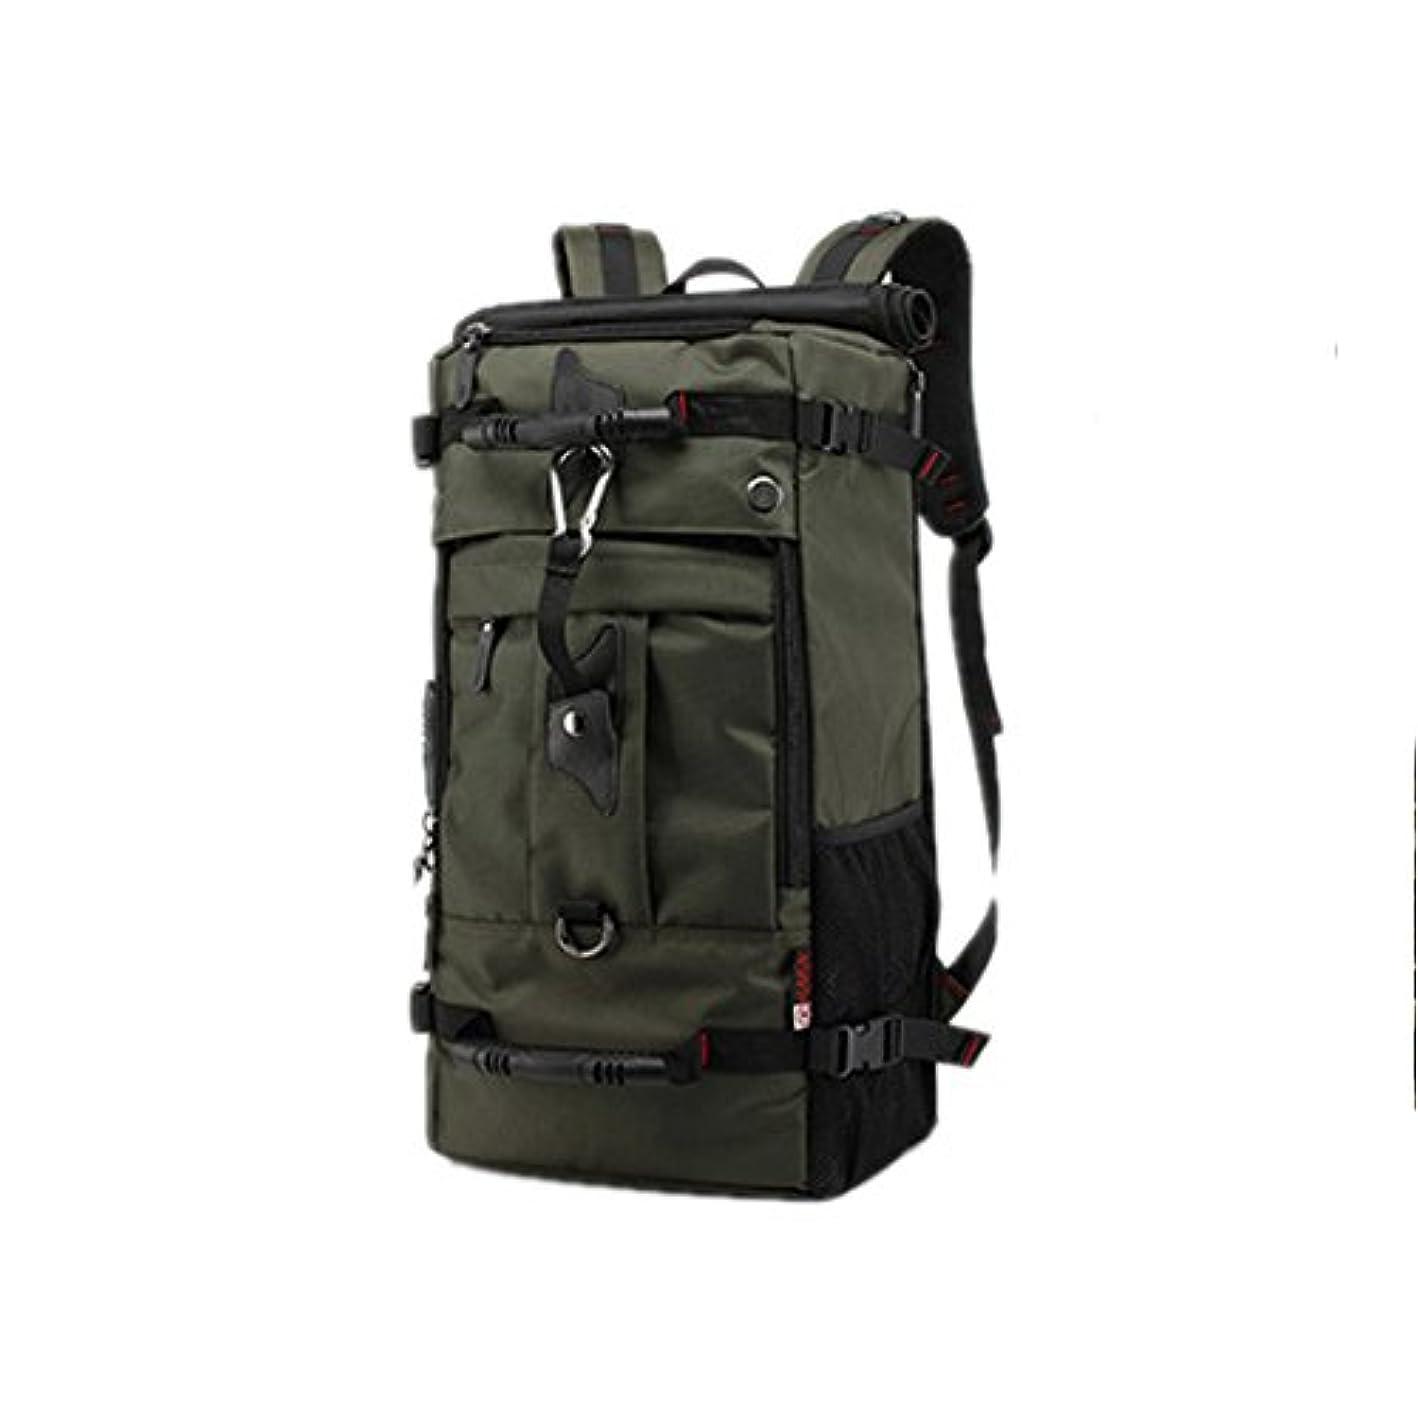 環境に優しい天窓難しいハイキング バックパック 40L -50L ウィークエンドパック 防水レインカバー&ラップトップコンパートメント付き - キャンプ 旅行 ハイキング用 3種類の用途